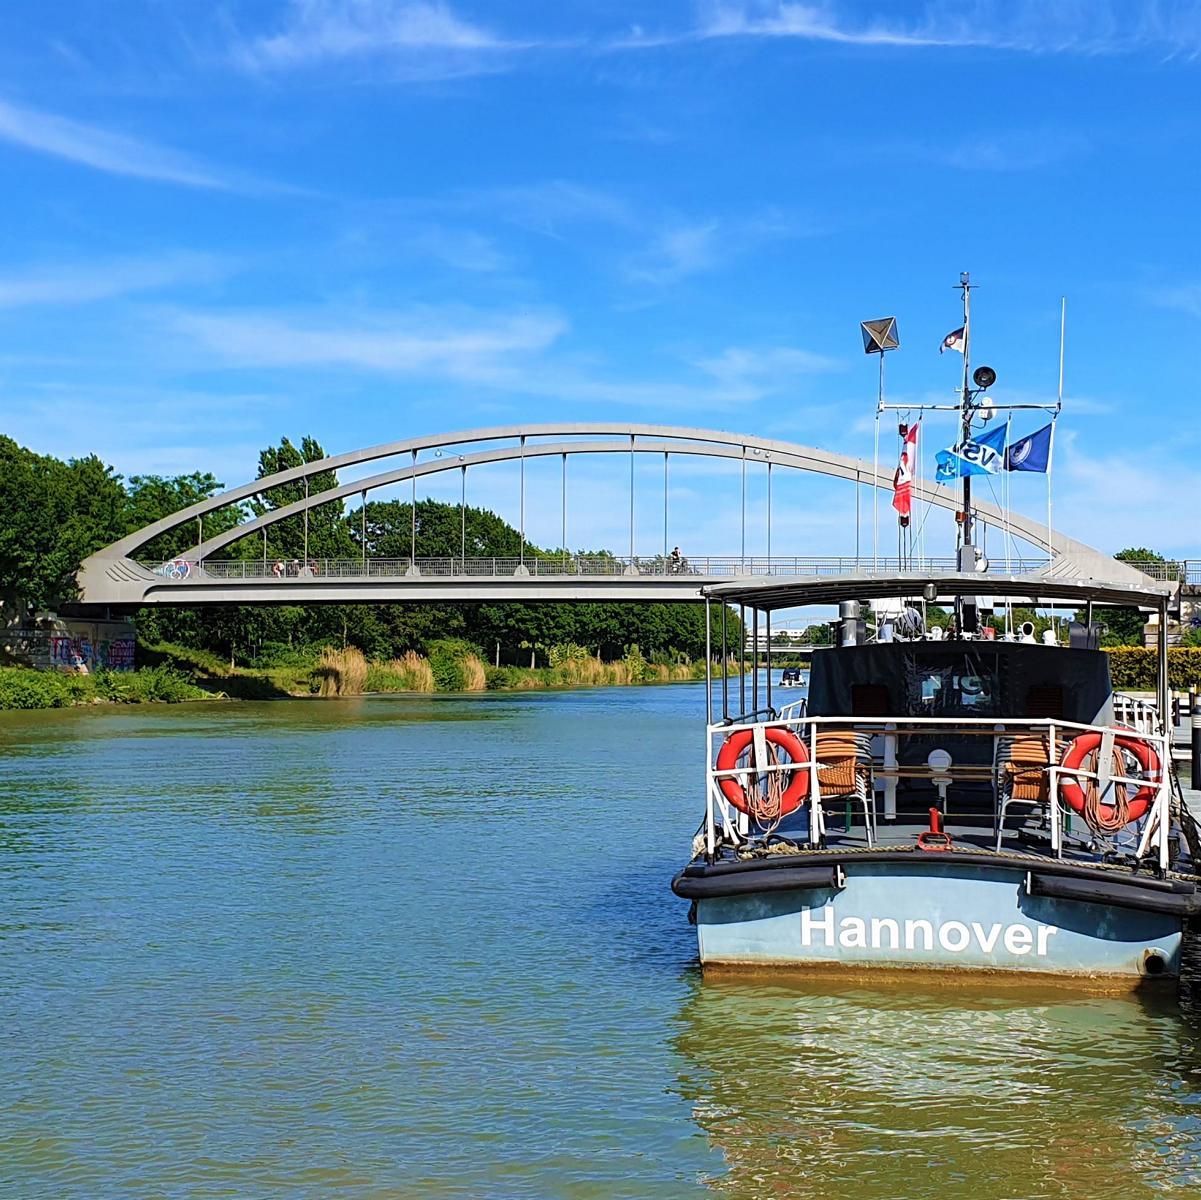 Style Hannover Mittellandroute 4 - Mittellandkanalroute - 60km am Wasser